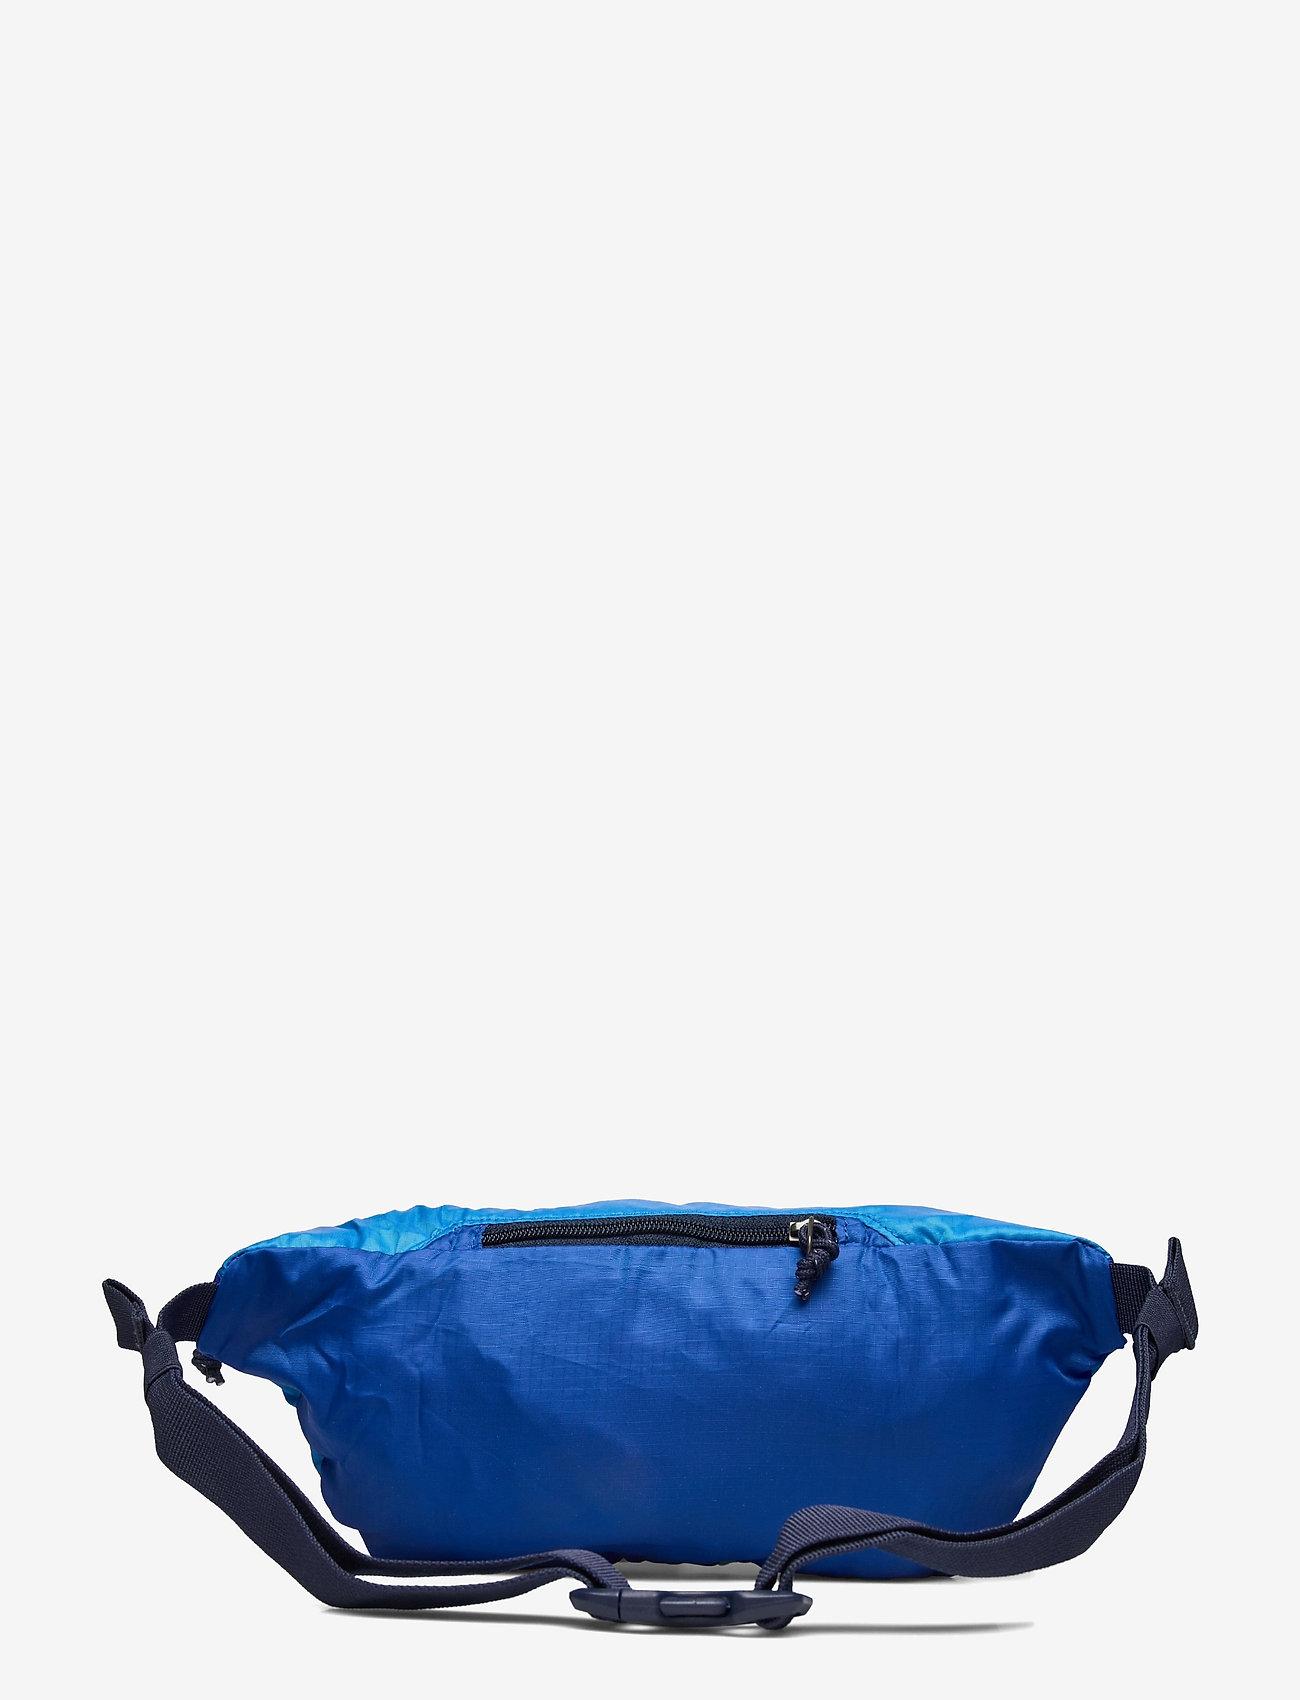 Columbia - Lightweight Packable Hip Pack - saszetka nerki - sky blue, azure - 1